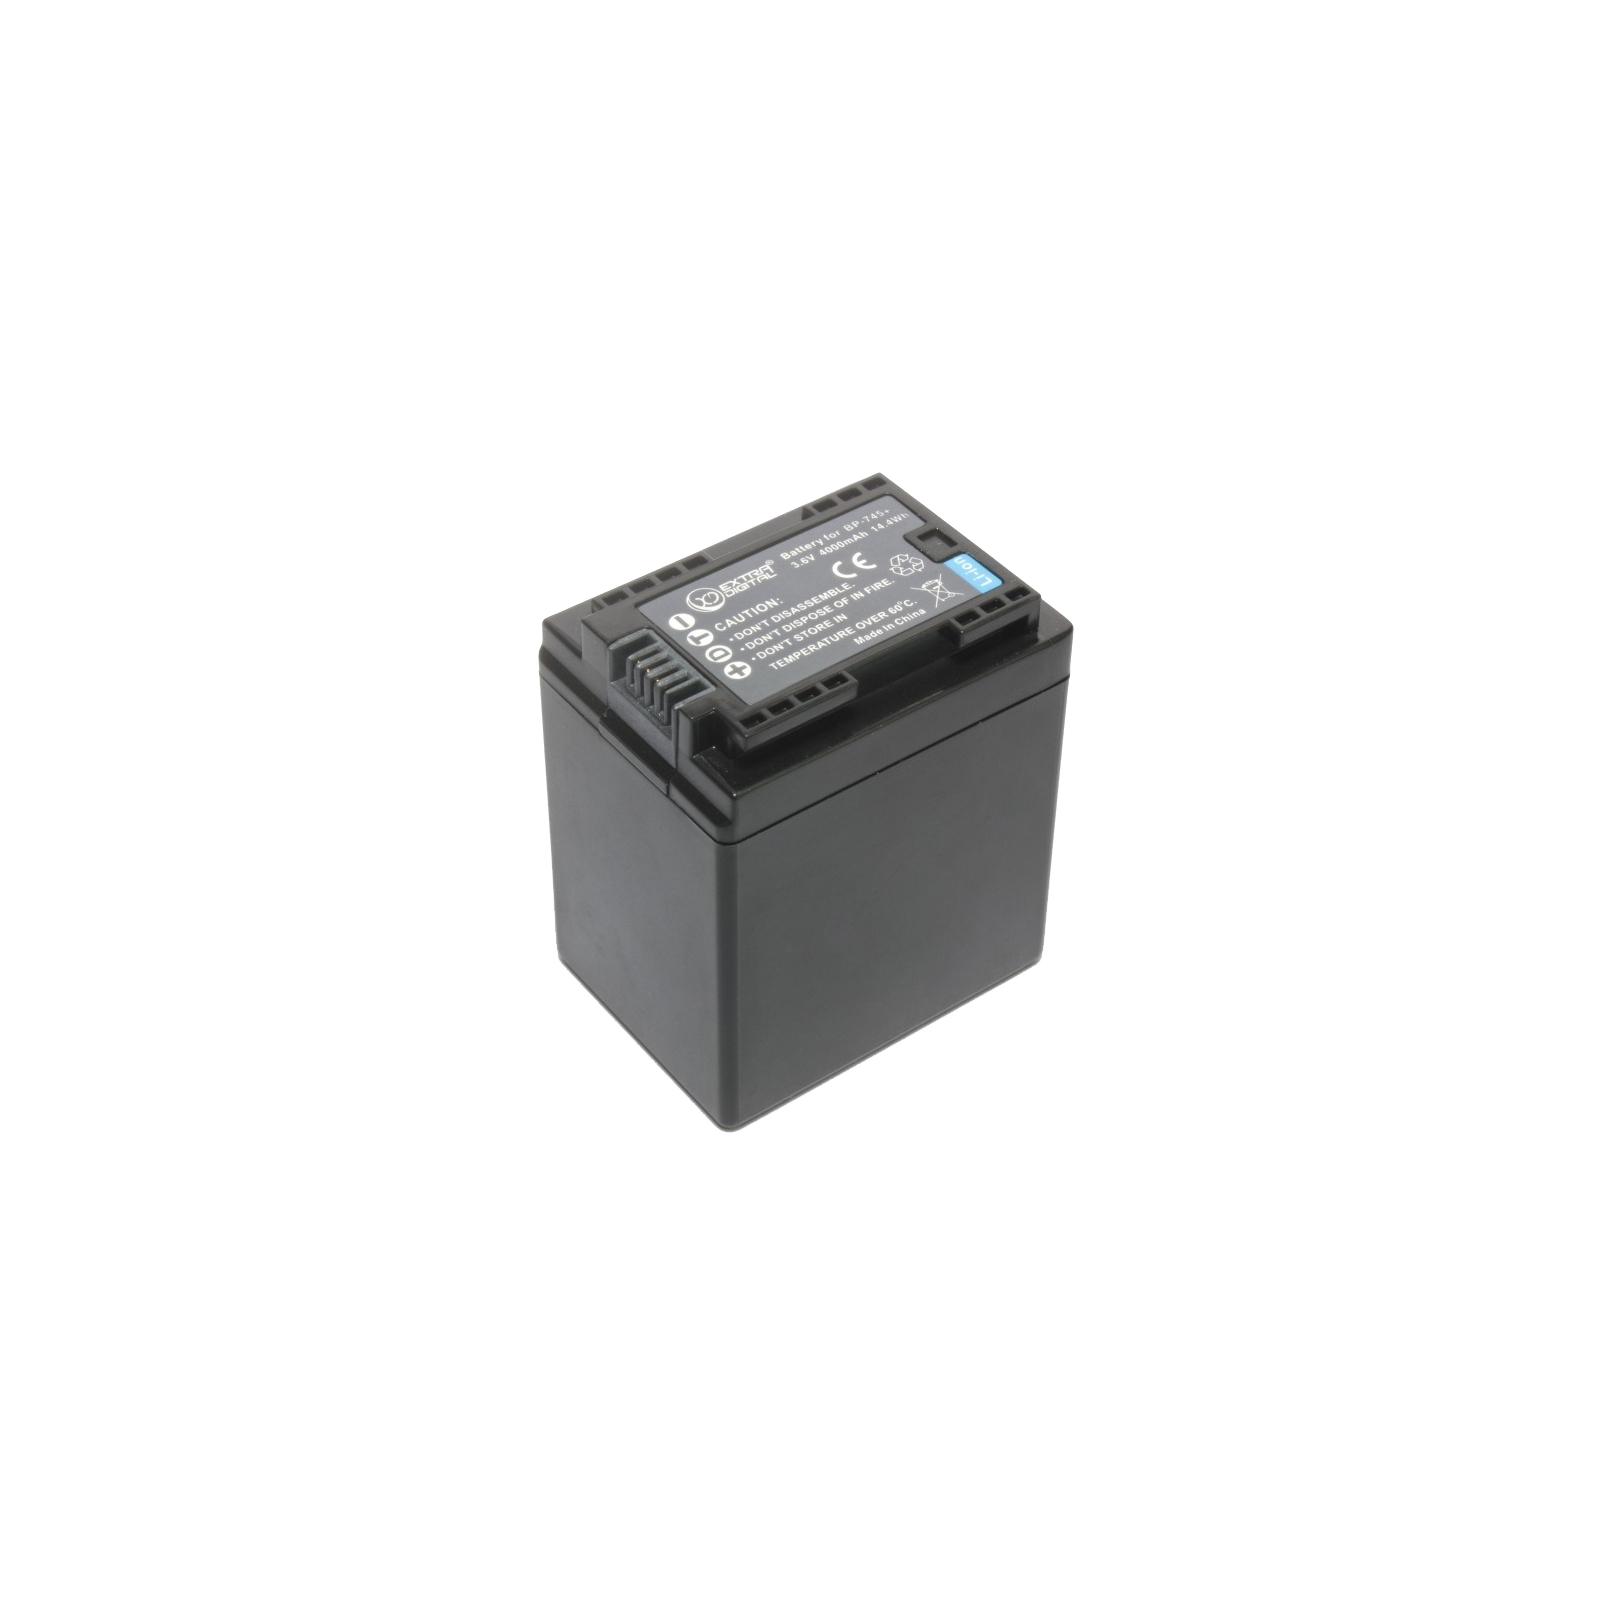 Аккумулятор к фото/видео EXTRADIGITAL Canon BP-745 (chip) (BDC1303) изображение 3